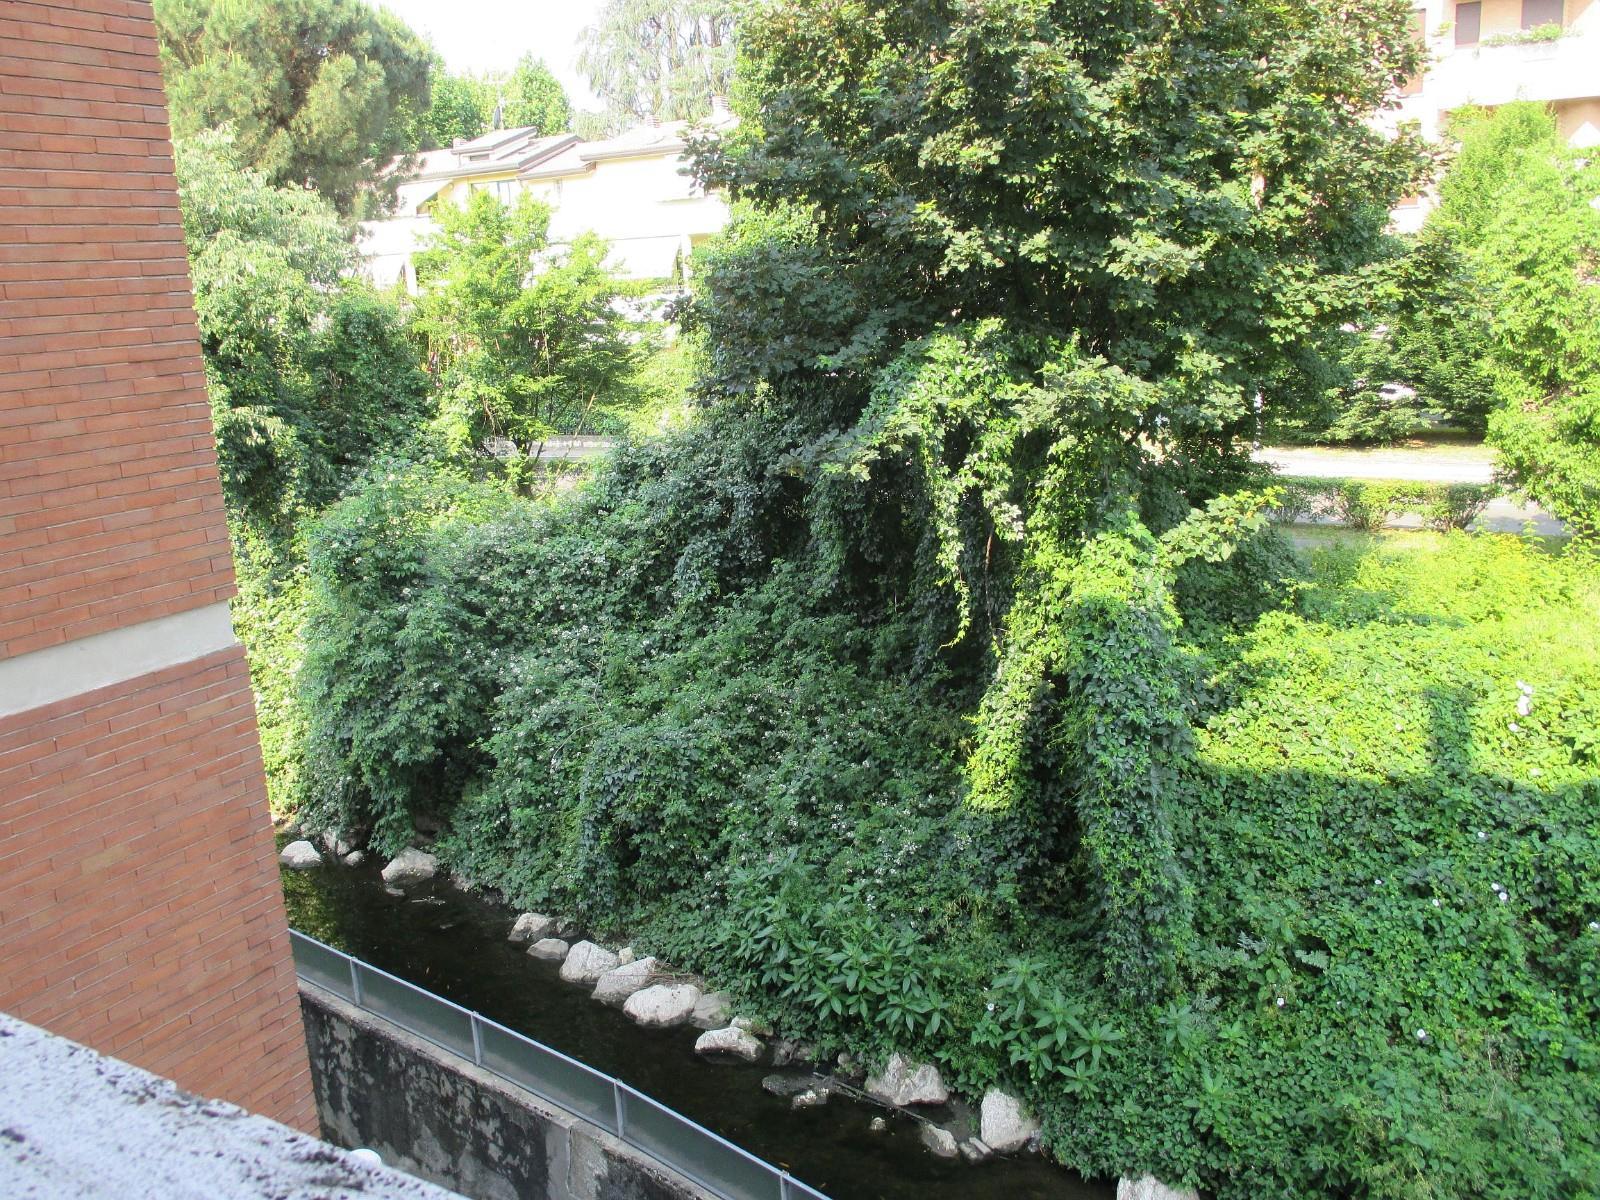 Foto 19 - Appartamento in Vendita - Seveso (Monza e Brianza)